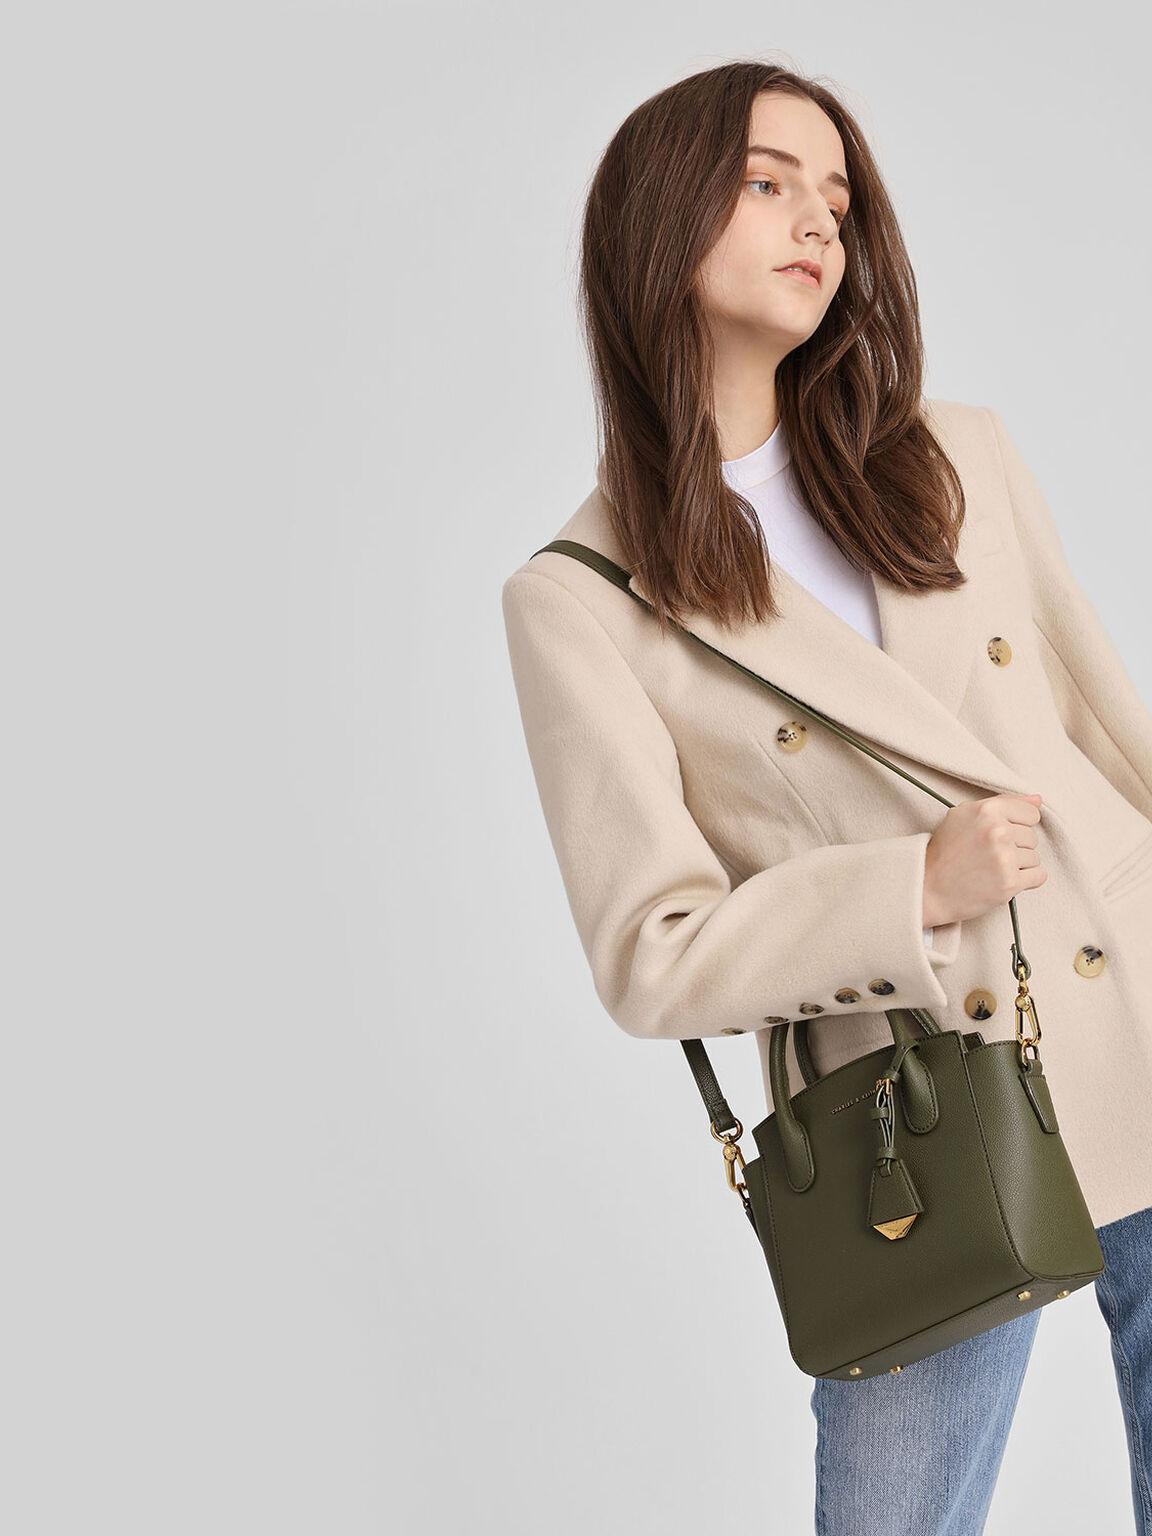 Classic Top Handle Handbag, Olive, hi-res